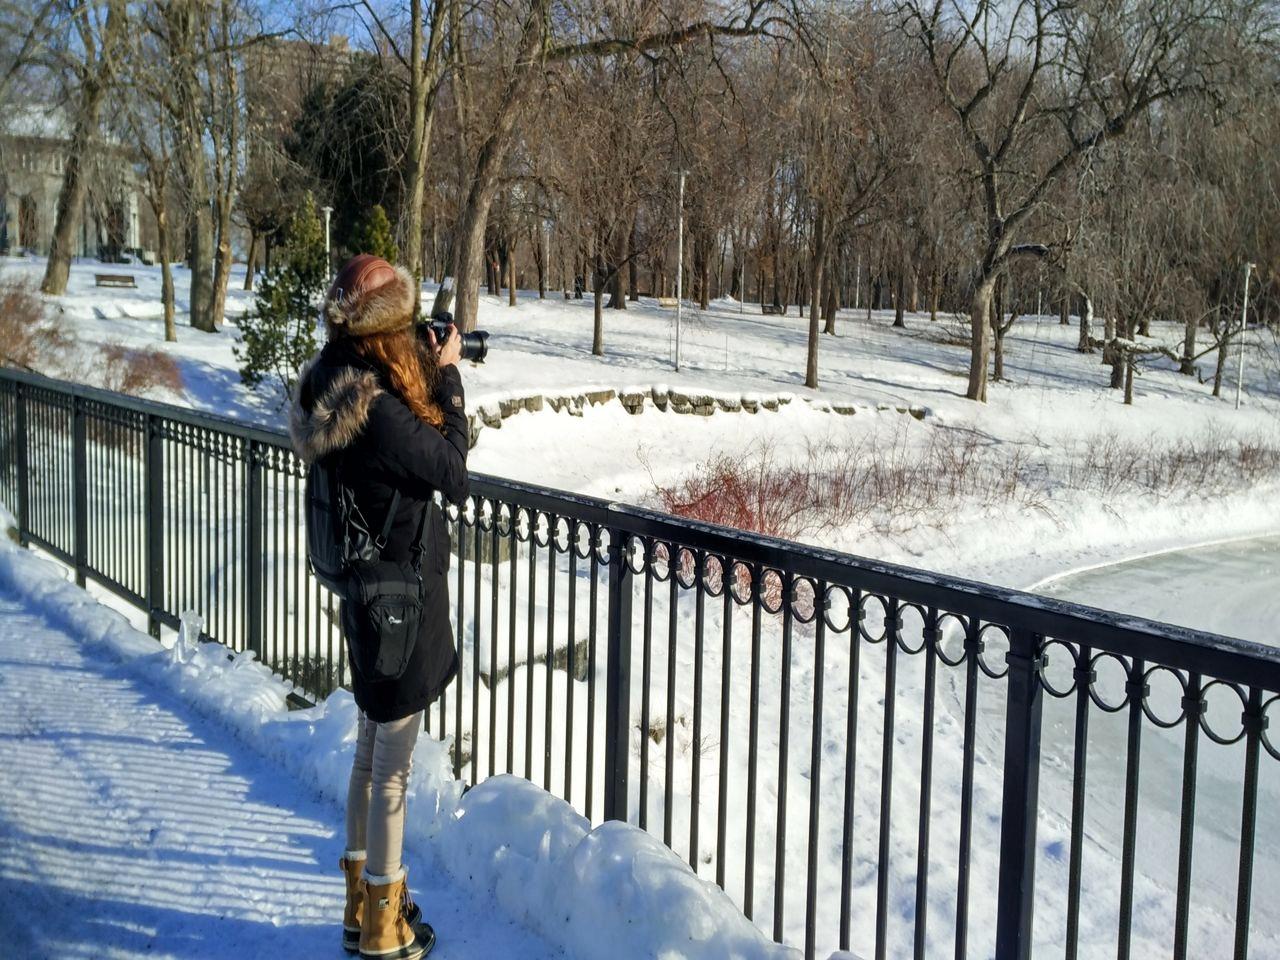 Te cuento qué ver en Montreal en invierno a 20 grados bajo cero.